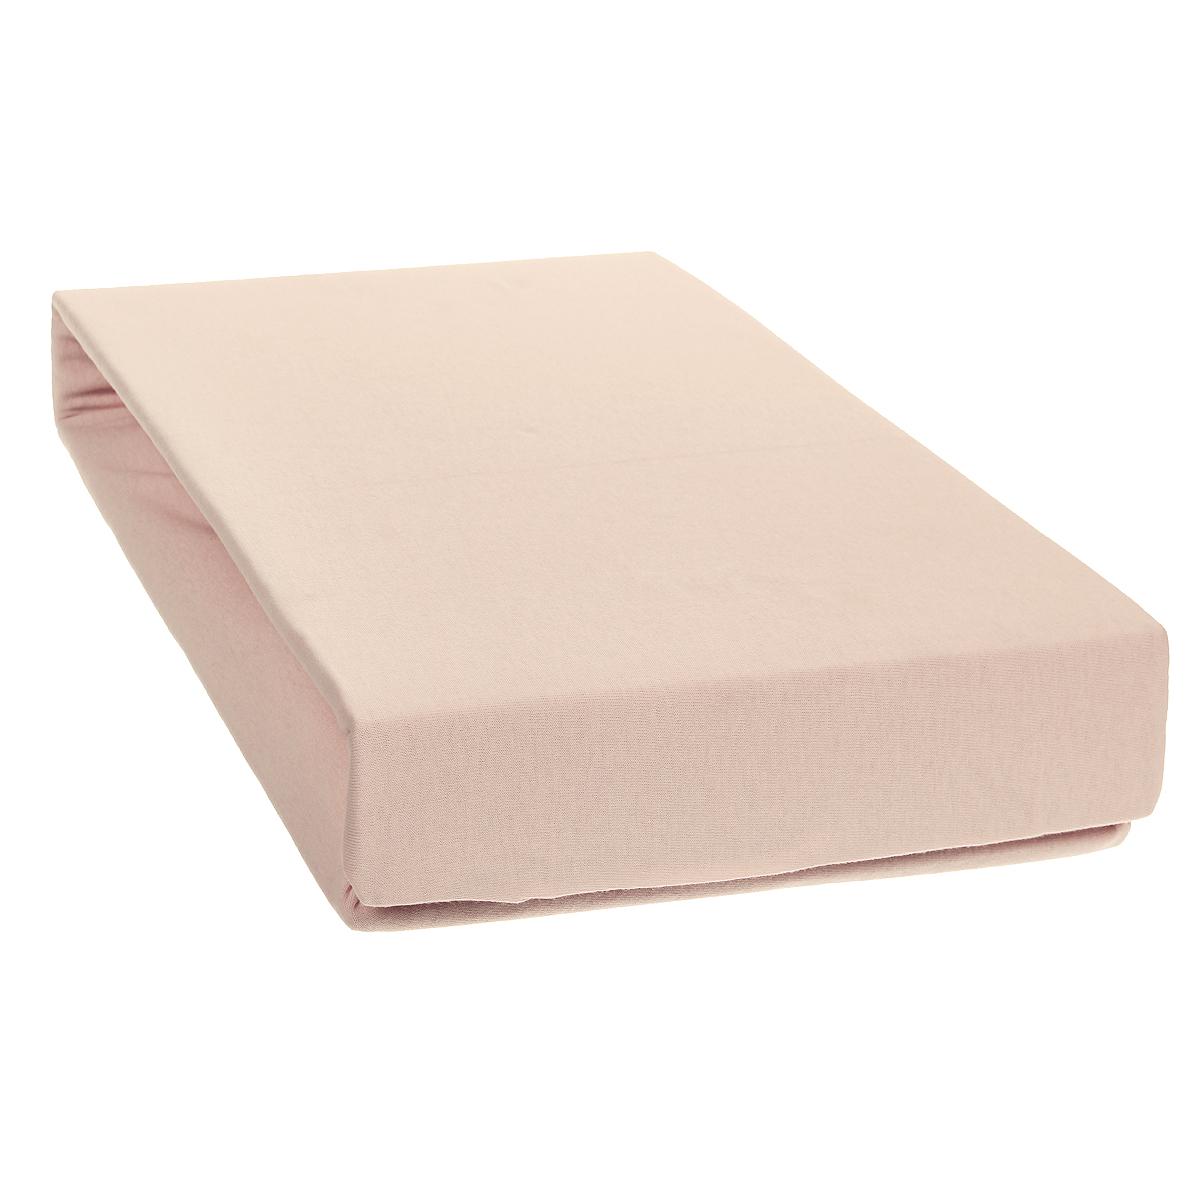 Простыня на резинке Tete-a-Tete, цвет: лотос, 200 см х 200 смТ-ПР-3011Однотонная простыня на резинке Tete-a-Tete выполнена из натурального хлопка. Высочайшее качество материала гарантирует безопасность не только взрослых, но и самых маленьких членов семьи. Простыня гармонично впишется в интерьер вашего дома и создаст атмосферу уюта и комфорта. Особенности коллекции Tete-a-Tete: - выдерживает более 100 стирок практически без изменения внешнего вида, - модные цвета и стойкие оттенки, - минимальная усадка, - надежные резинки и износостойкая ткань, - безупречное качество, - гиппоаллергенно. Коллекция Tete-a-Tete специально создана для практичных людей, которые ценят качество и долговечность вещей, окружают своих близких теплотой и заботой.